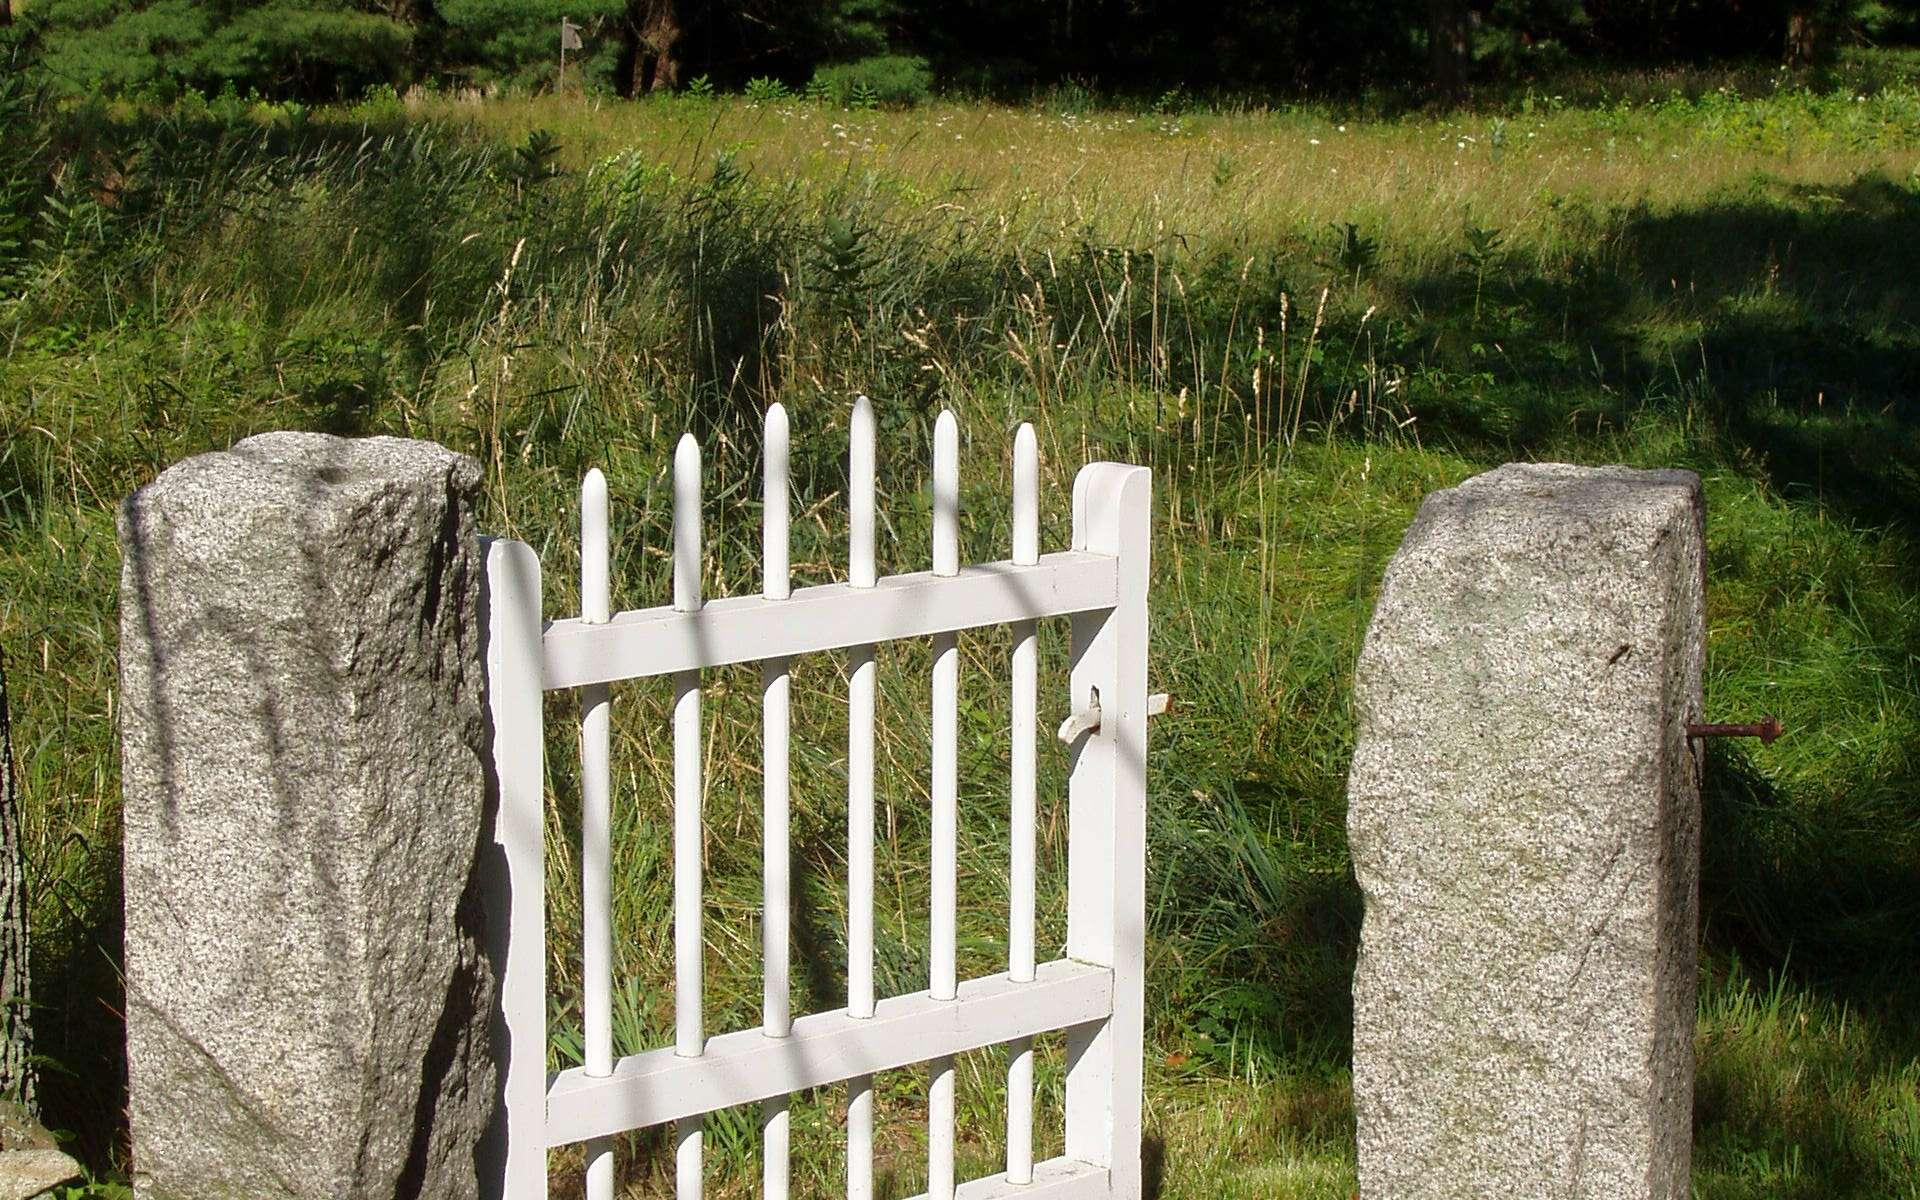 Un portillon en PVC apporte à la fois allure et simplicité. © Eptalon, Wikipédia CC BY-SA 3.0